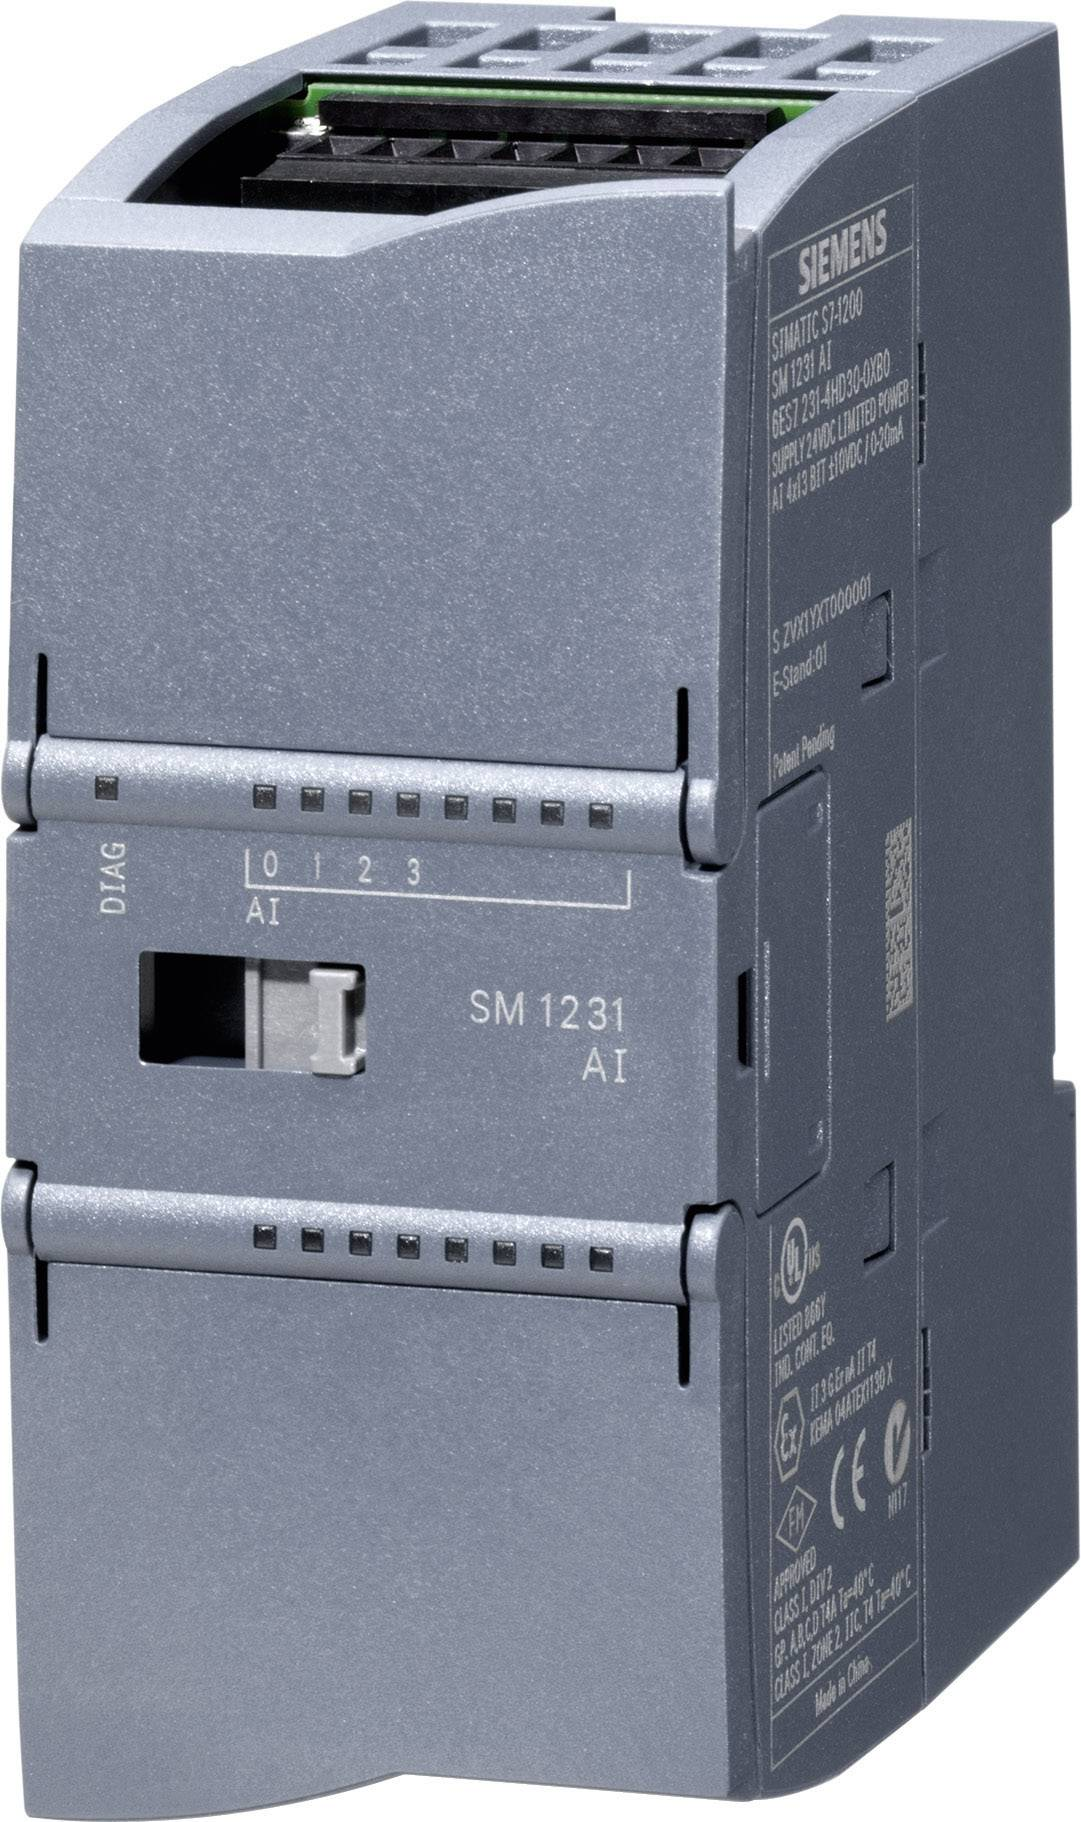 PLC rozširujúci modul Siemens SM 1231 6ES7231-4HD32-0XB0